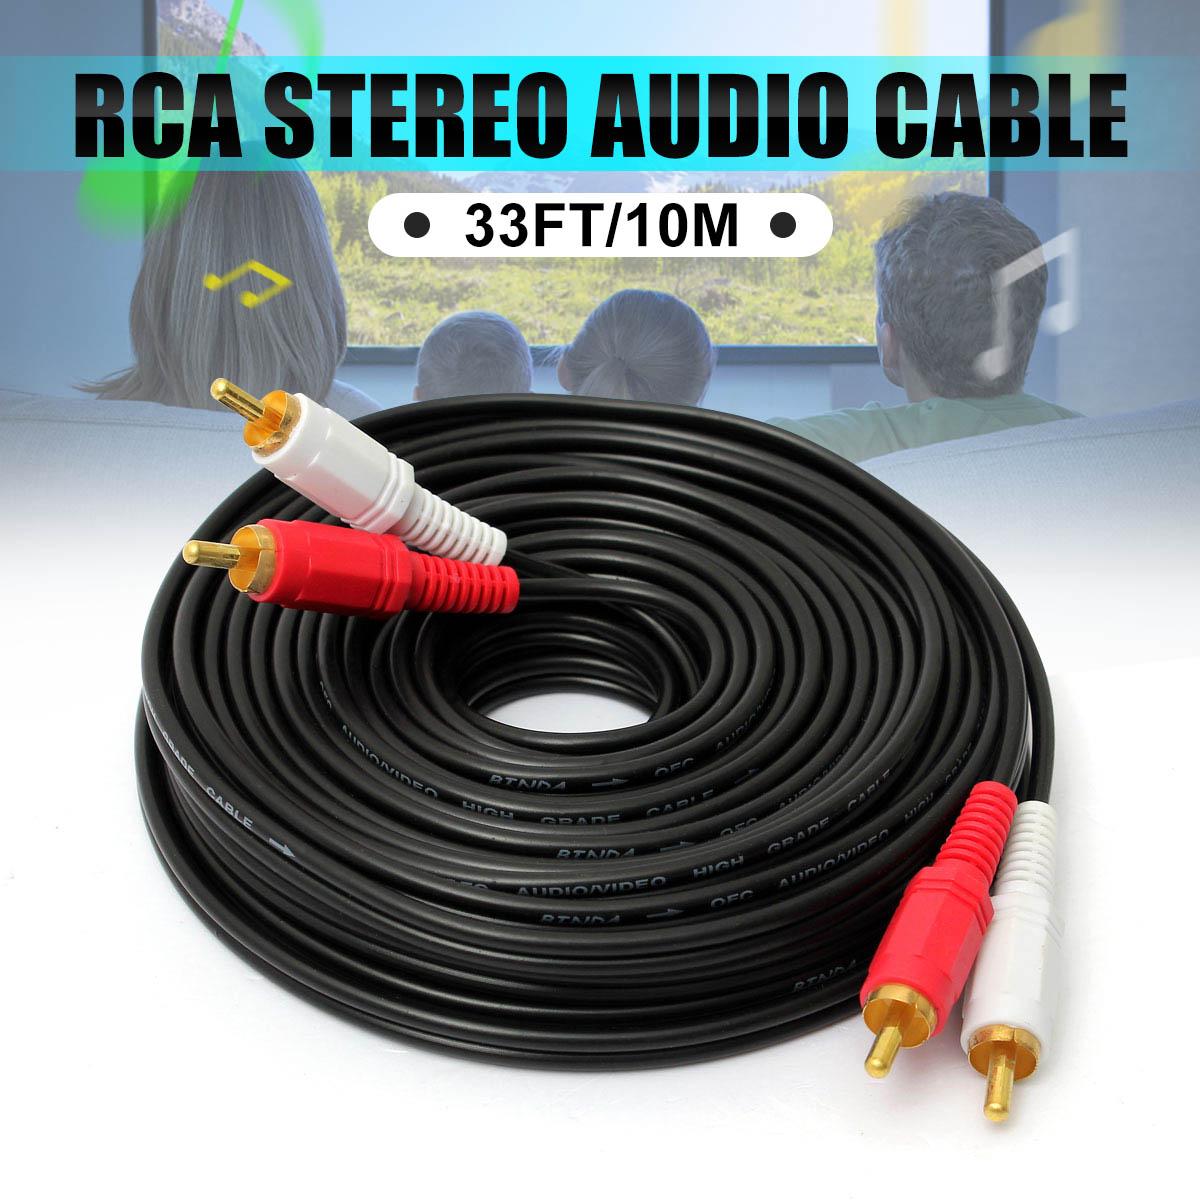 10 m cabo estéreo de alta fidelidade par rca alto-desempenho premium hi-fi áudio 2rca a 2rca interconectar cabo duplo rca macho ao fio masculino